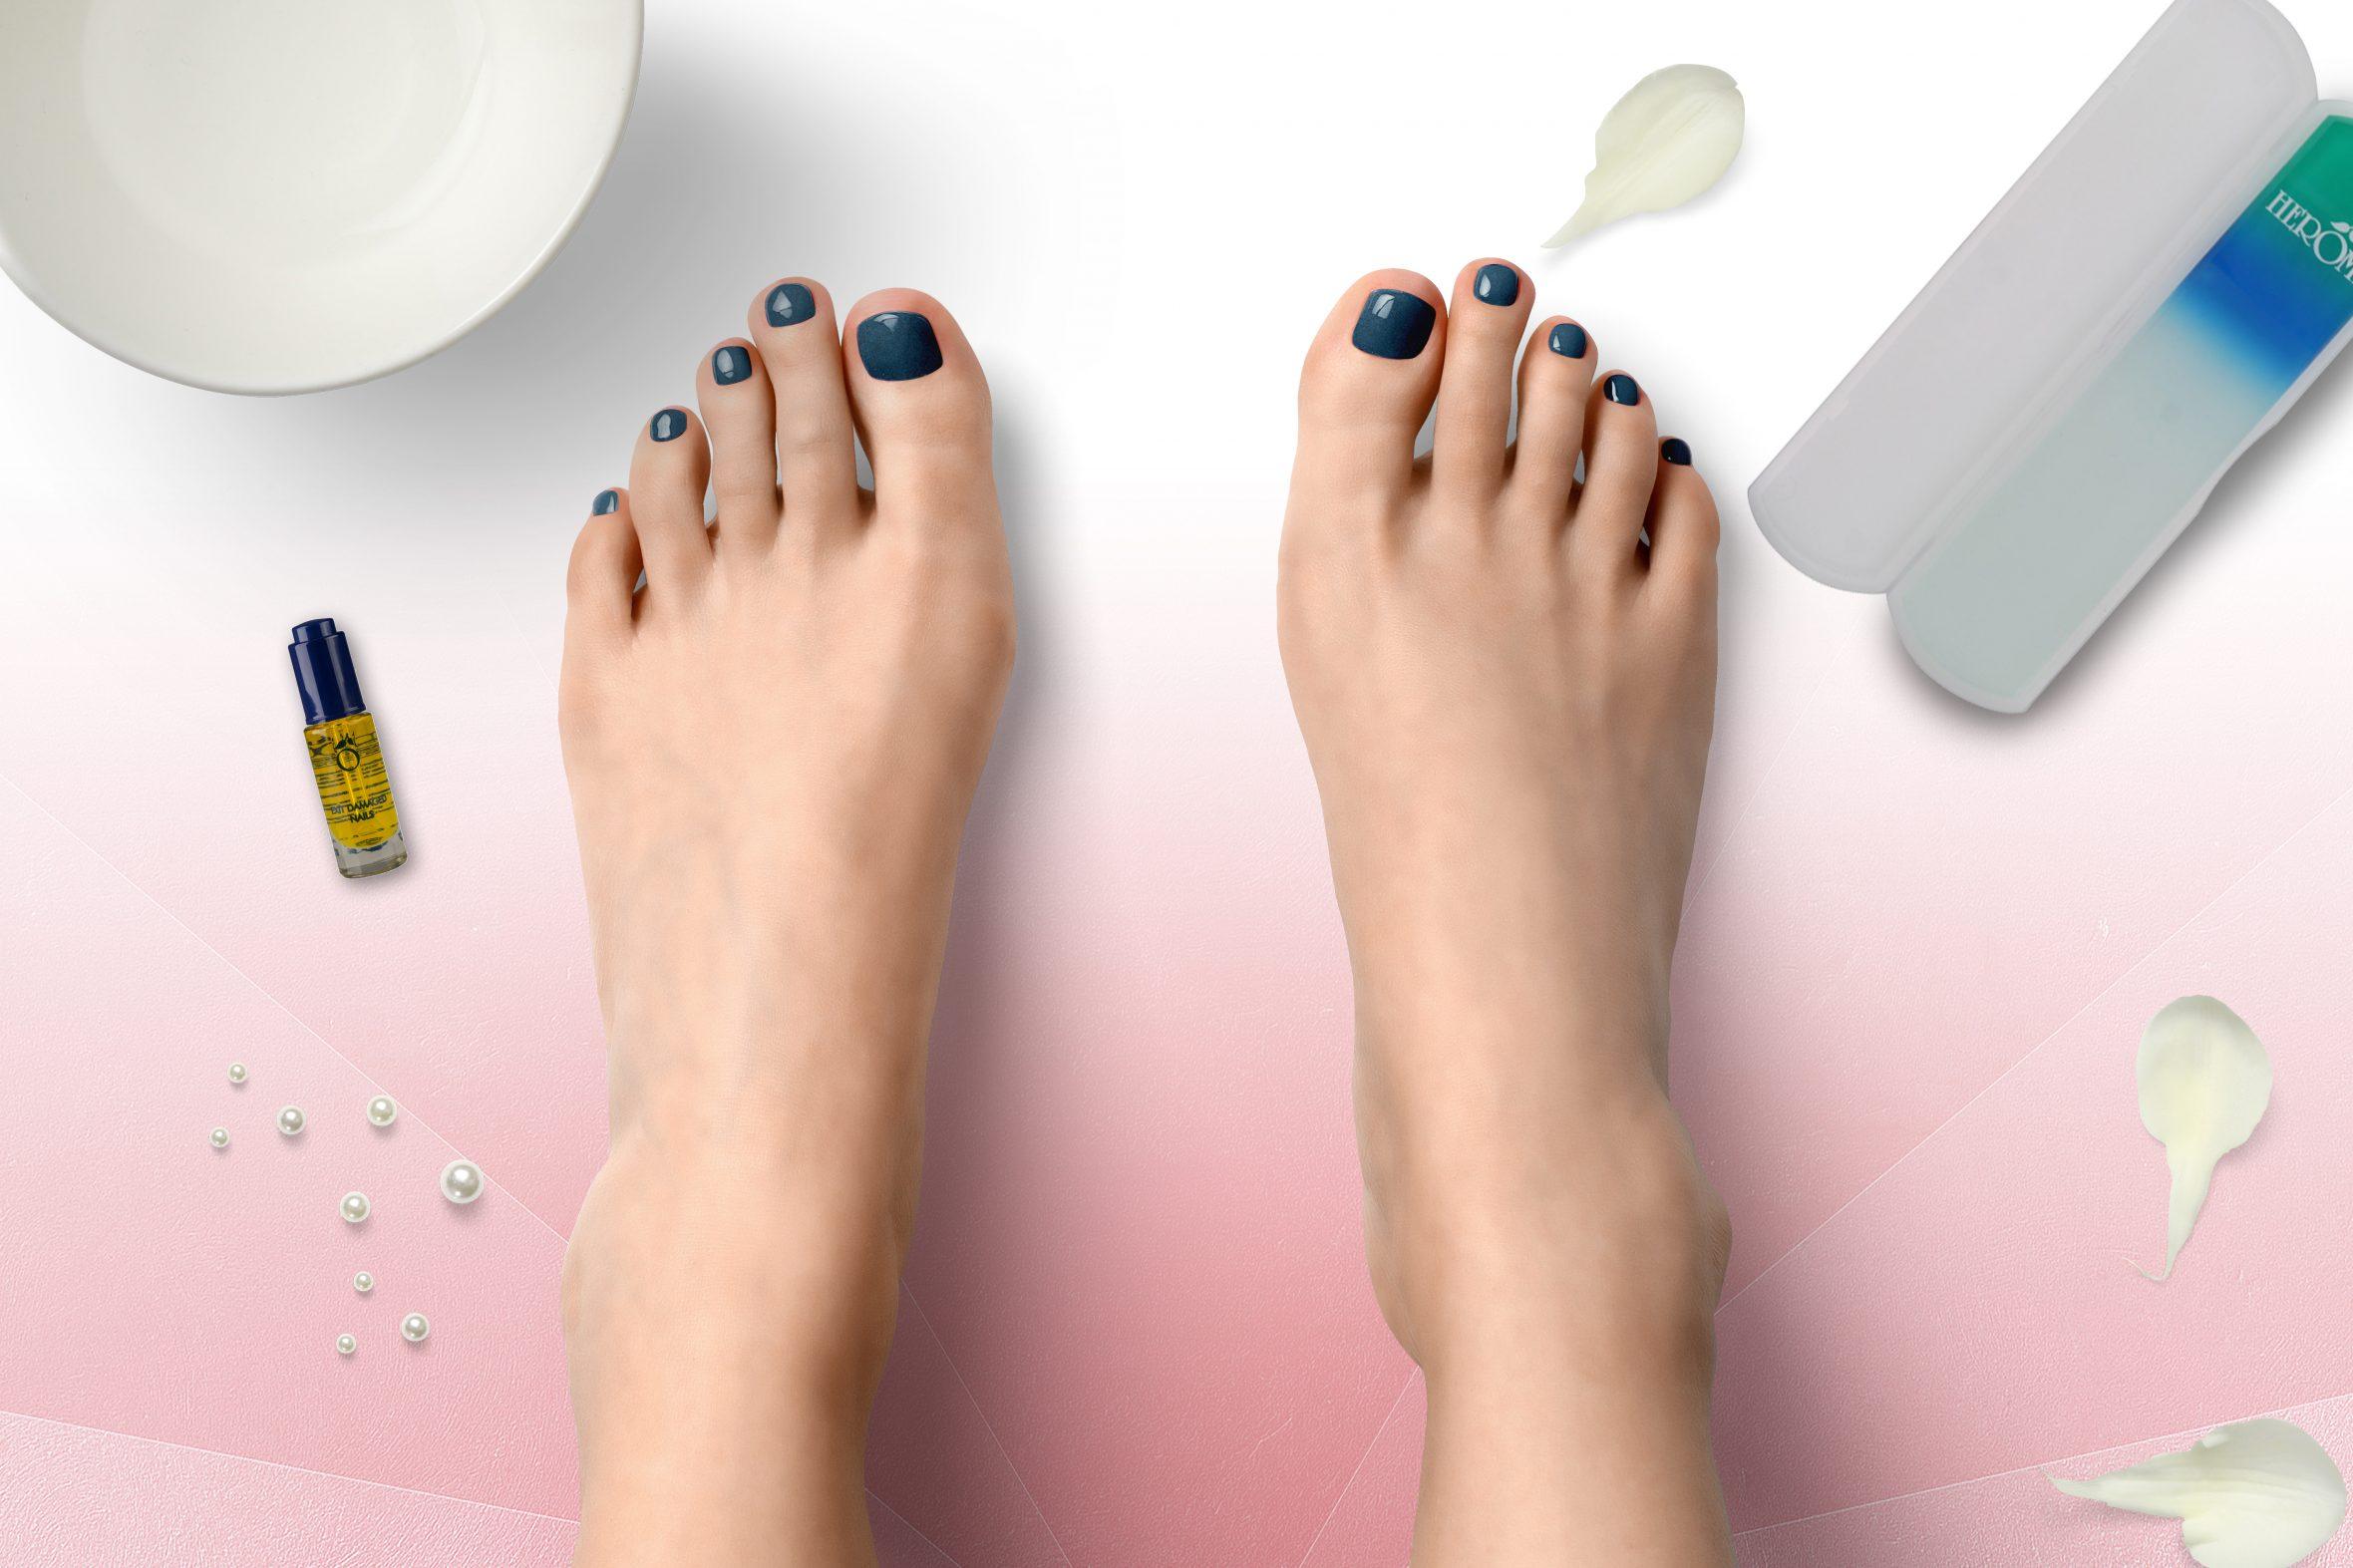 blauwe nagellak van Herôme voor je manicure en pedicure